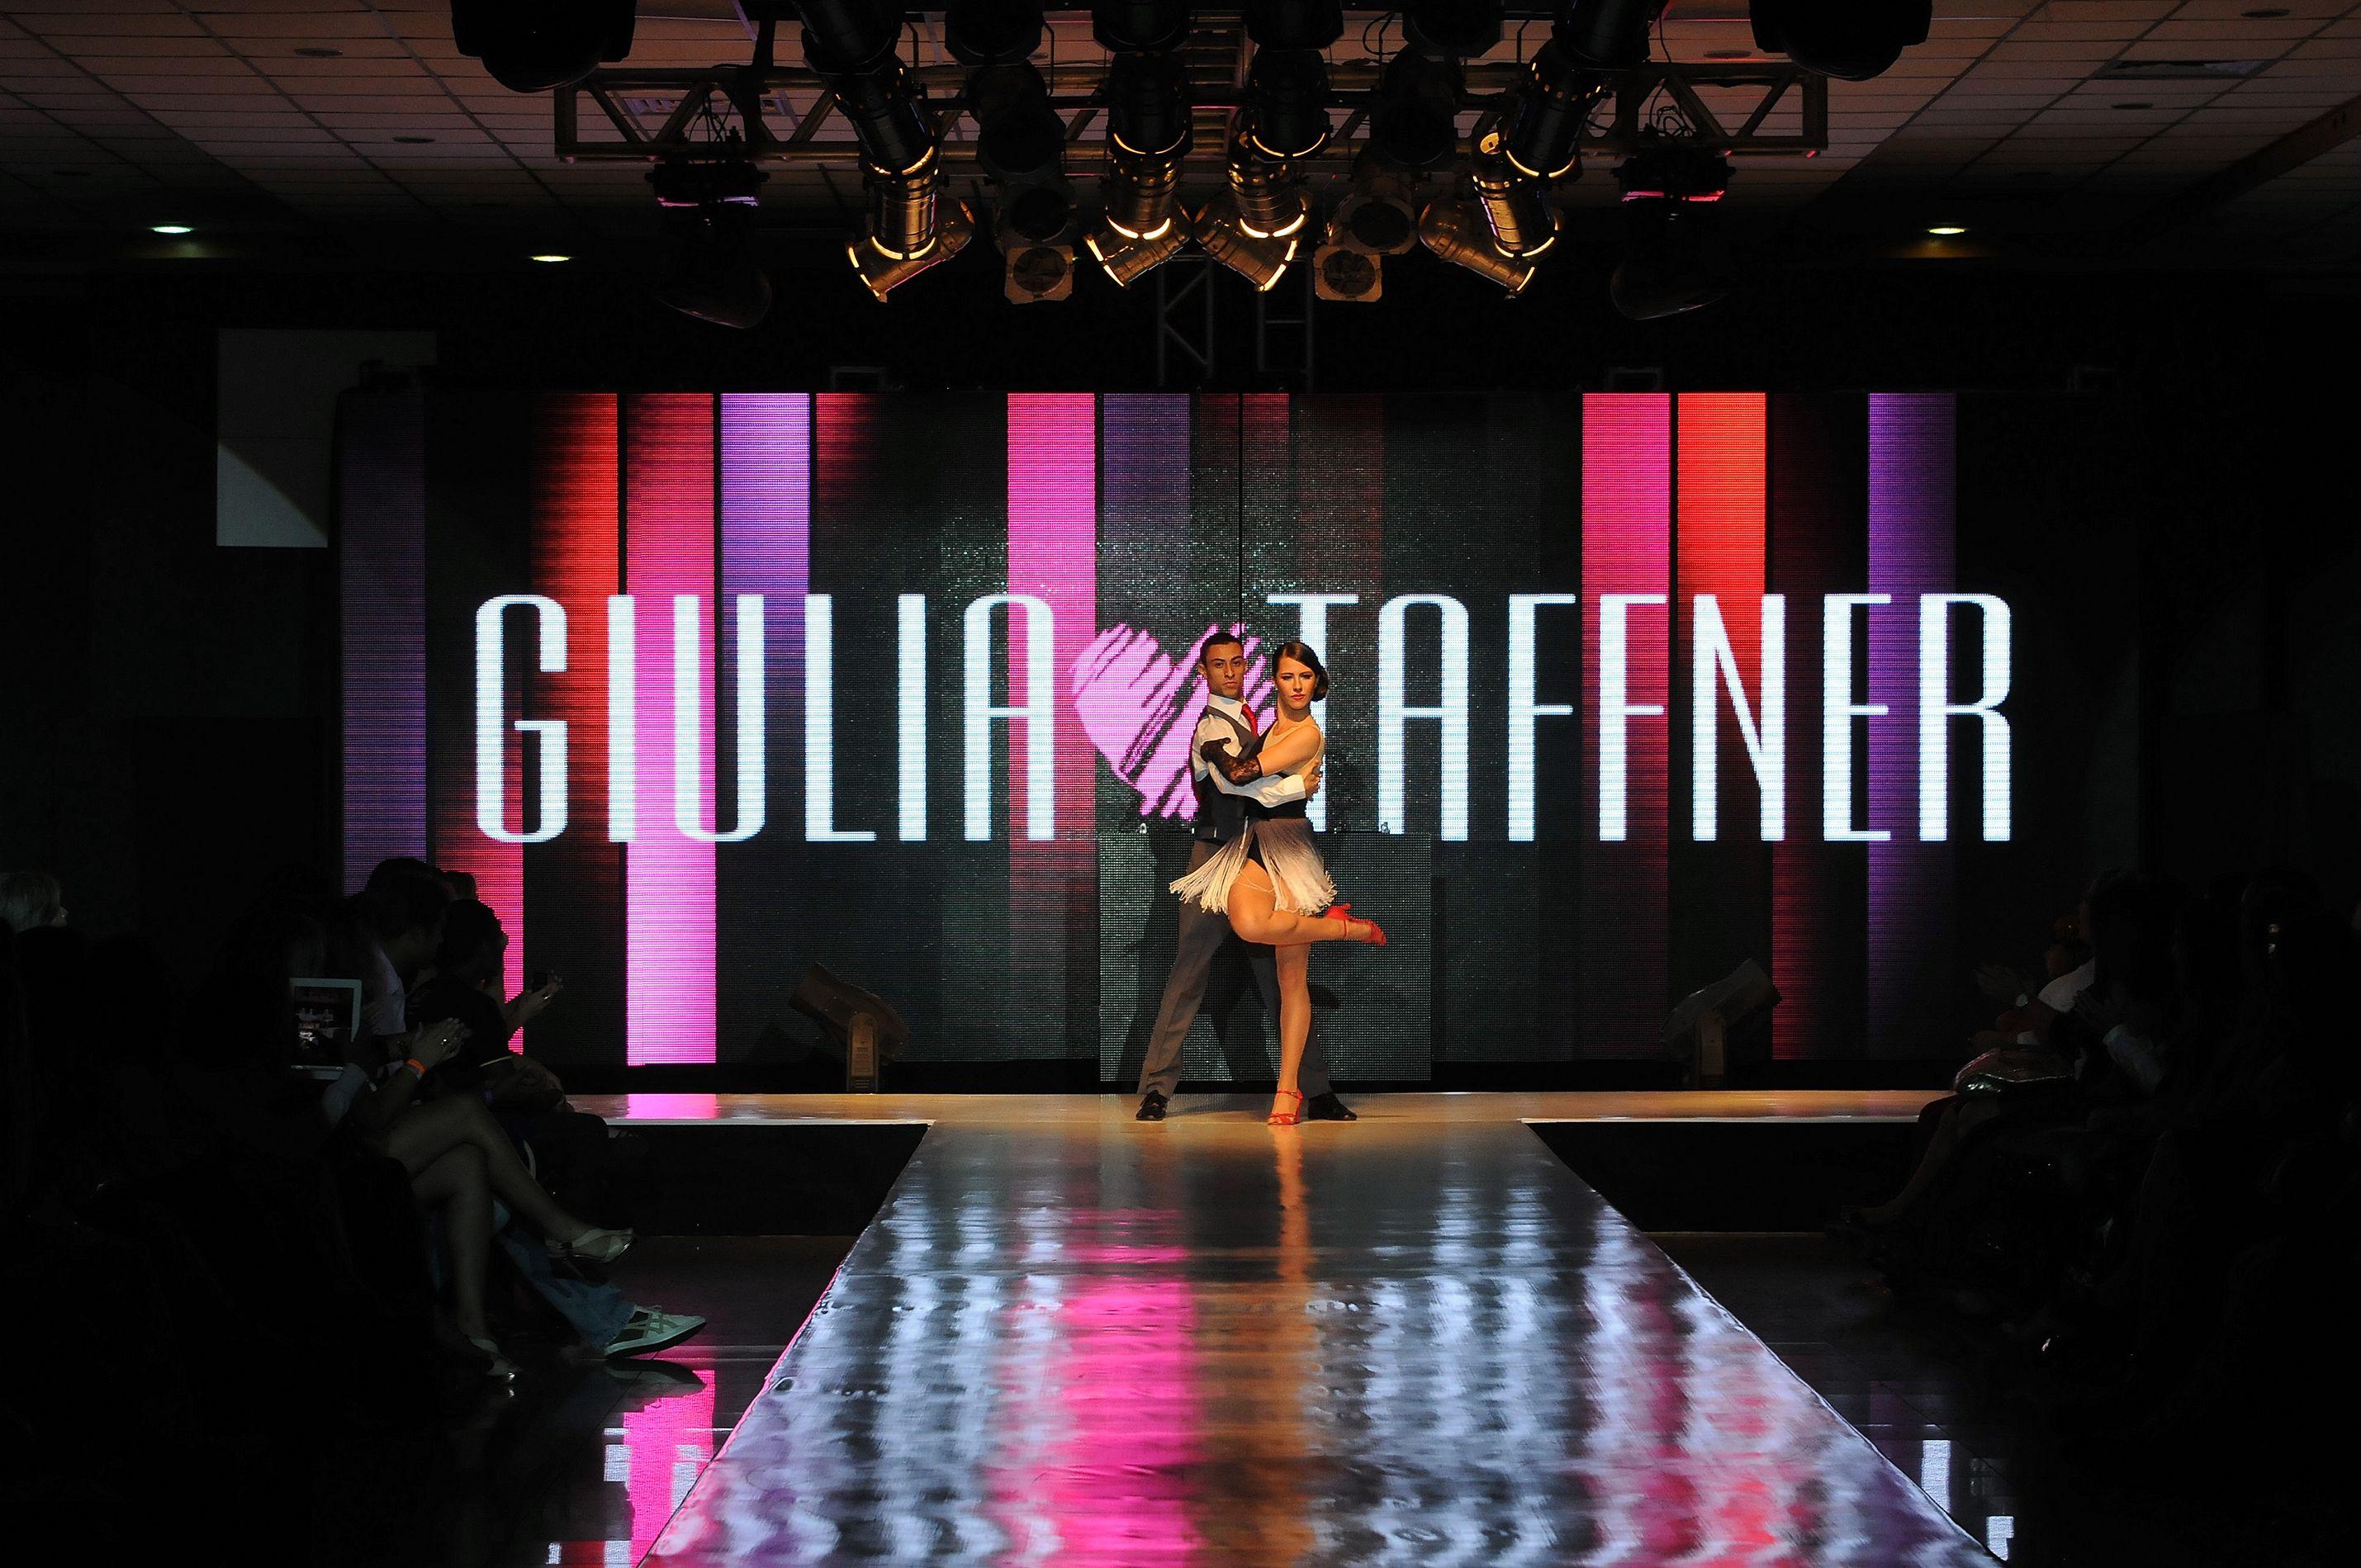 A apresentação de tango maravilhosa da Arquitetura da Dança, deixou nosso desfile ainda mais especial. #giuliataffner #lingerie #desfile #arquiteturadadanca